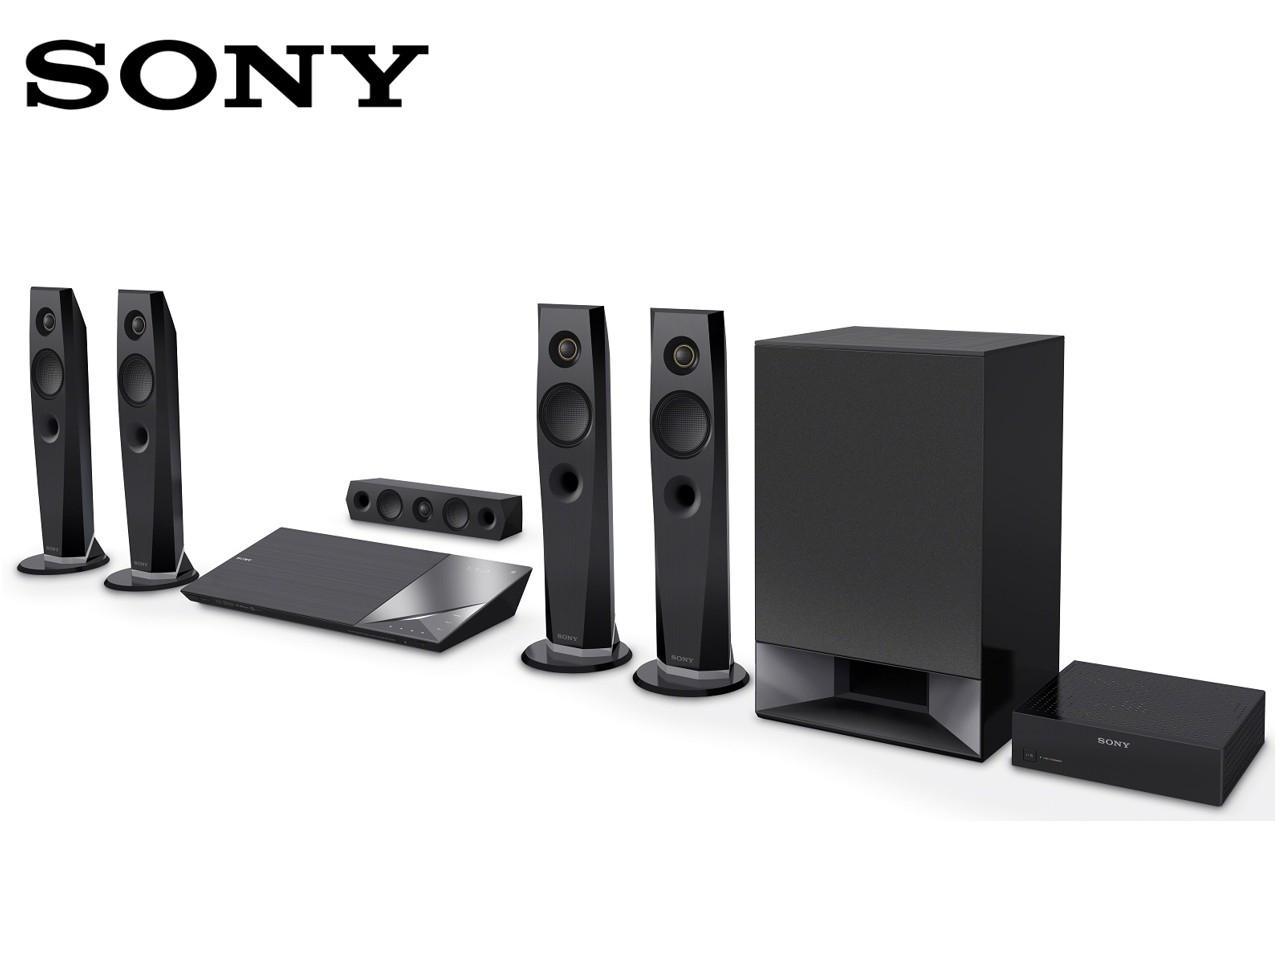 SONY BDV-N7200W + 500 Kč na dárky nebo další nákup | CHAT on-line podpora PO-PÁ 8-22.00!!